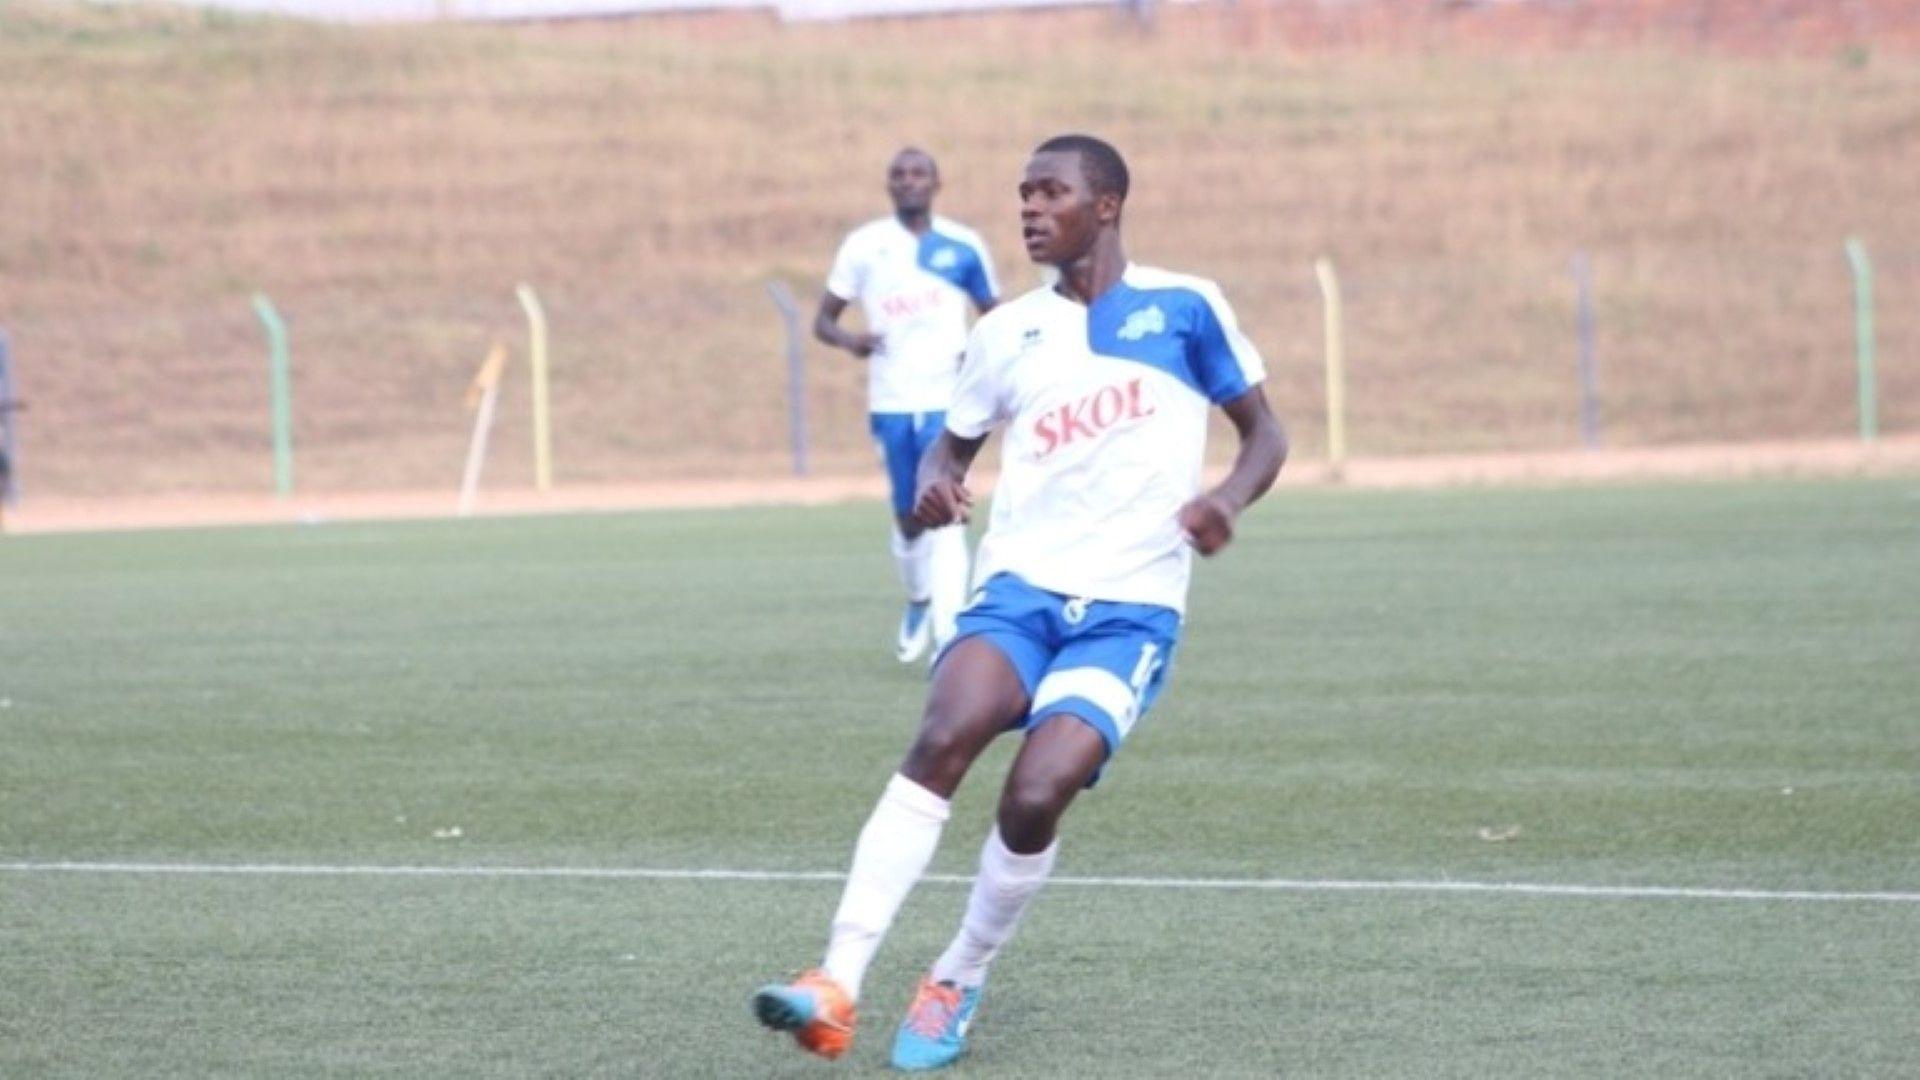 Още един играч от Руанда пристига в ЦСКА